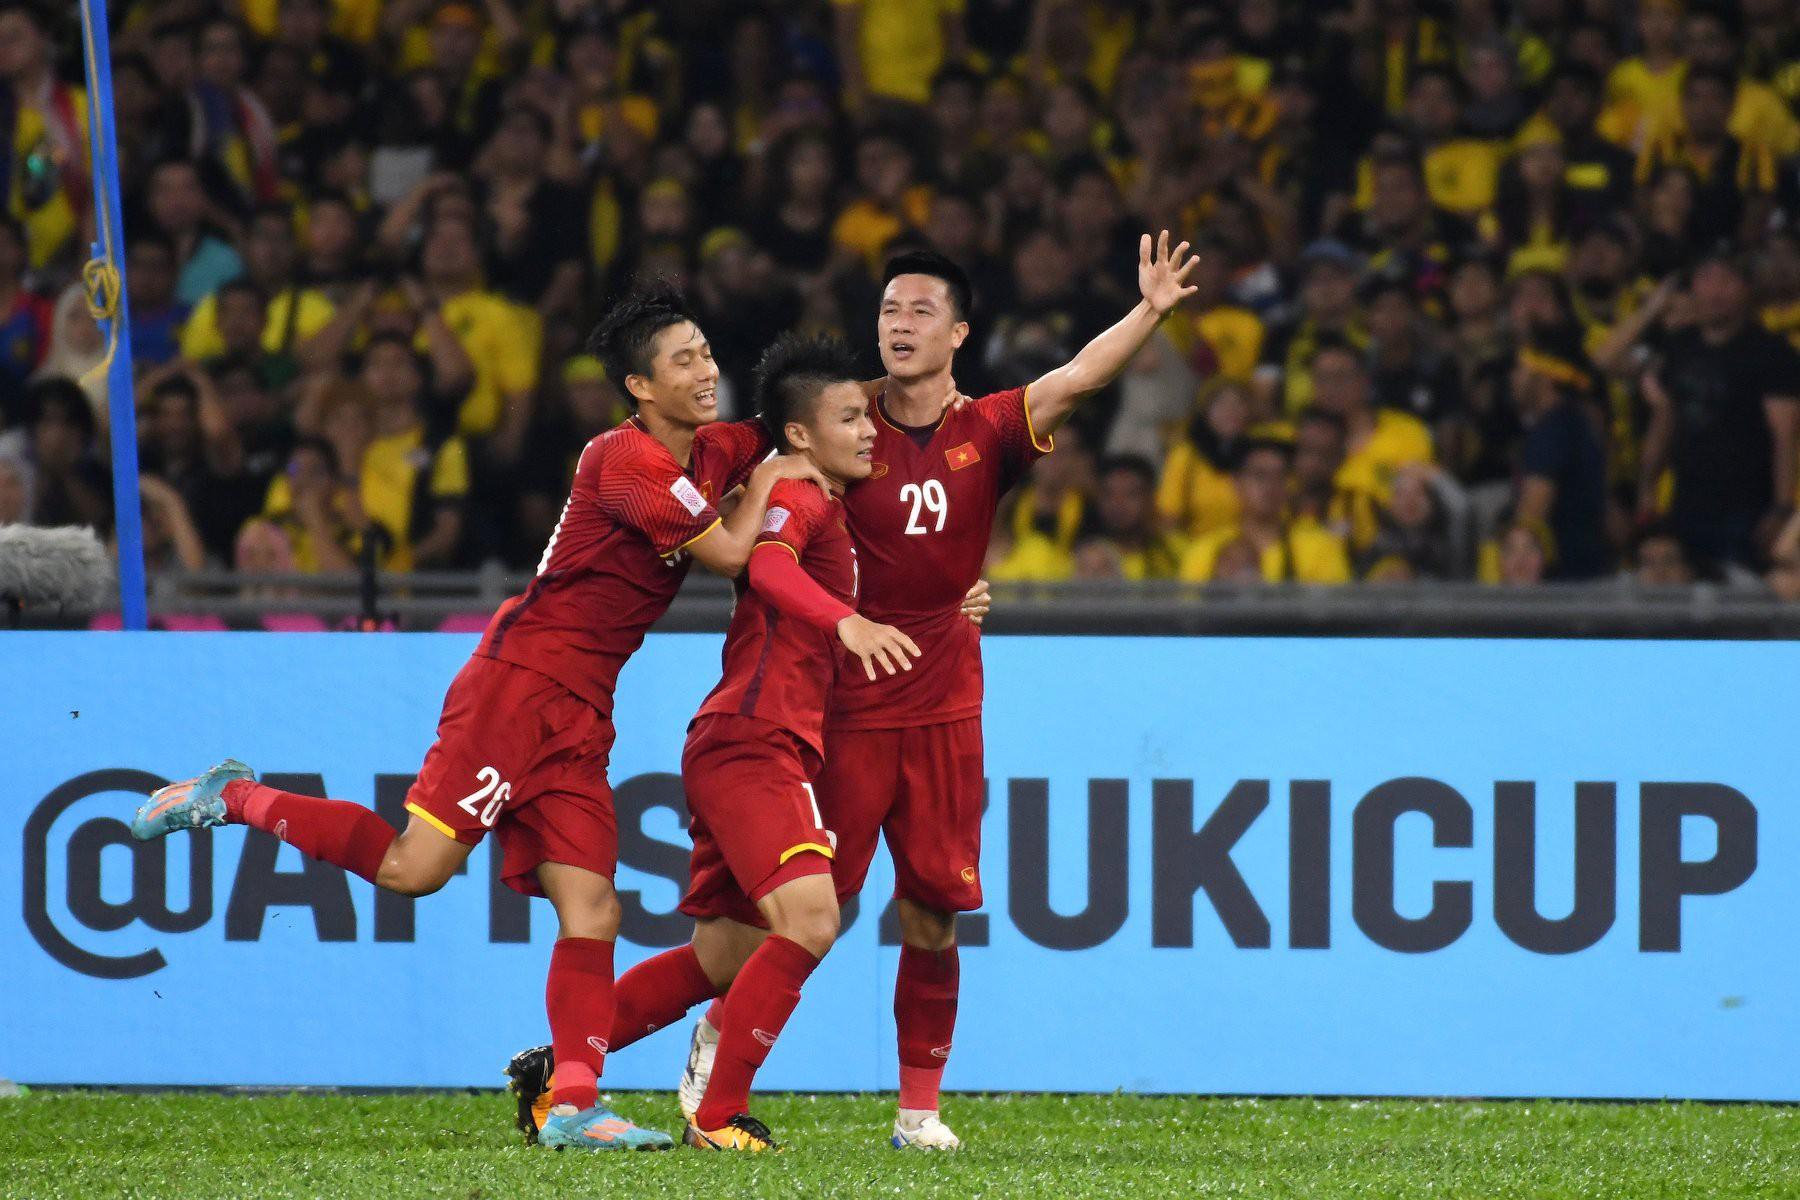 Dân mạng nước ngoài hết lòng ủng hộ và tin tưởng đội tuyển Việt Nam sẽ giành ngôi vô địch AFF Cup 2018 - Ảnh 1.